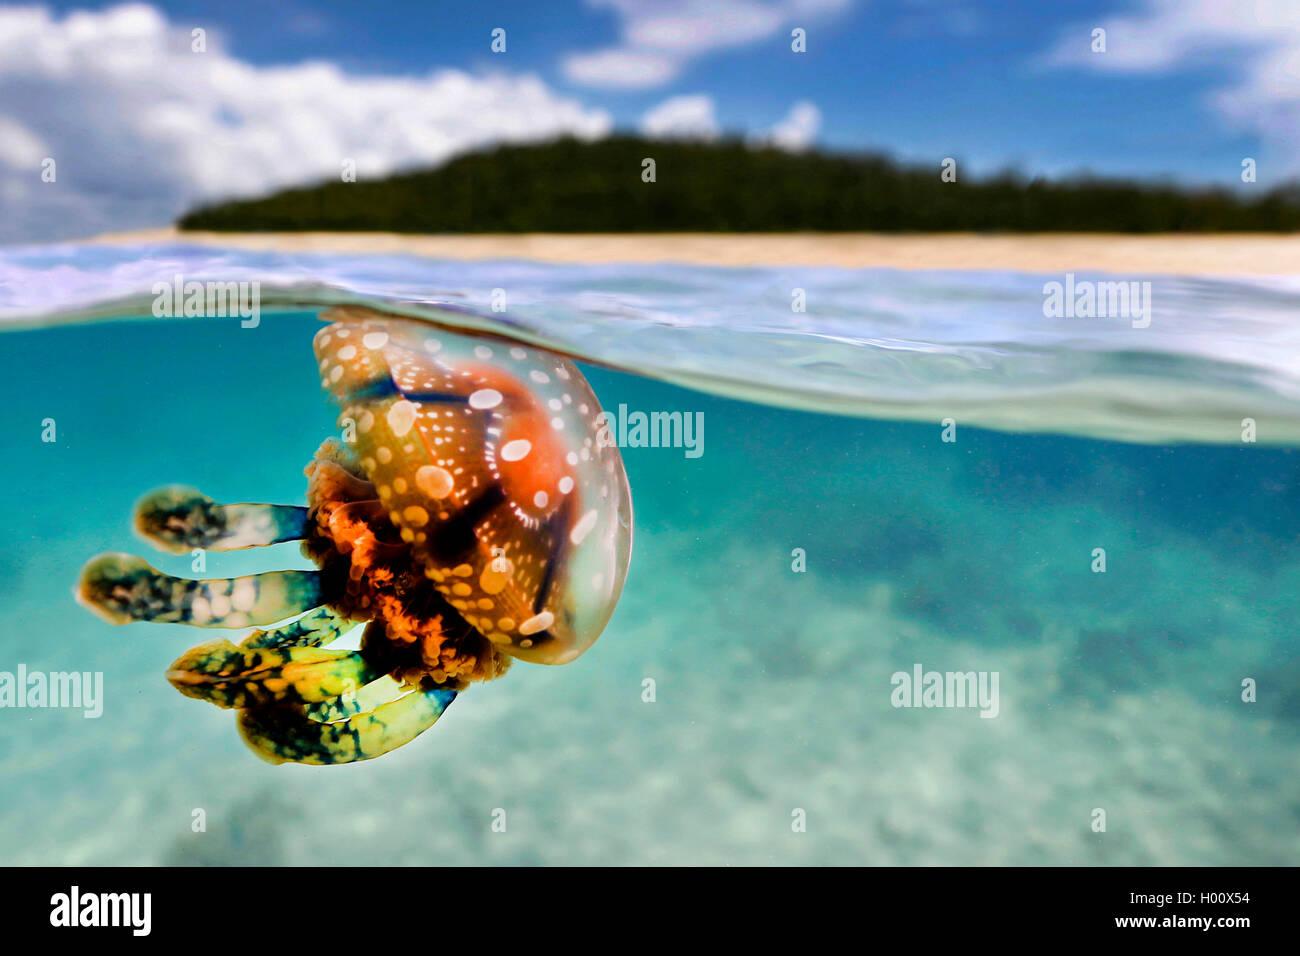 Mastigias-Qualle, Mastigiasqualle, Mastigias-Schirmqualle, Mastigiasschirmqualle (Mastigias papua), an der Wasseroberflaeche, - Stock Image